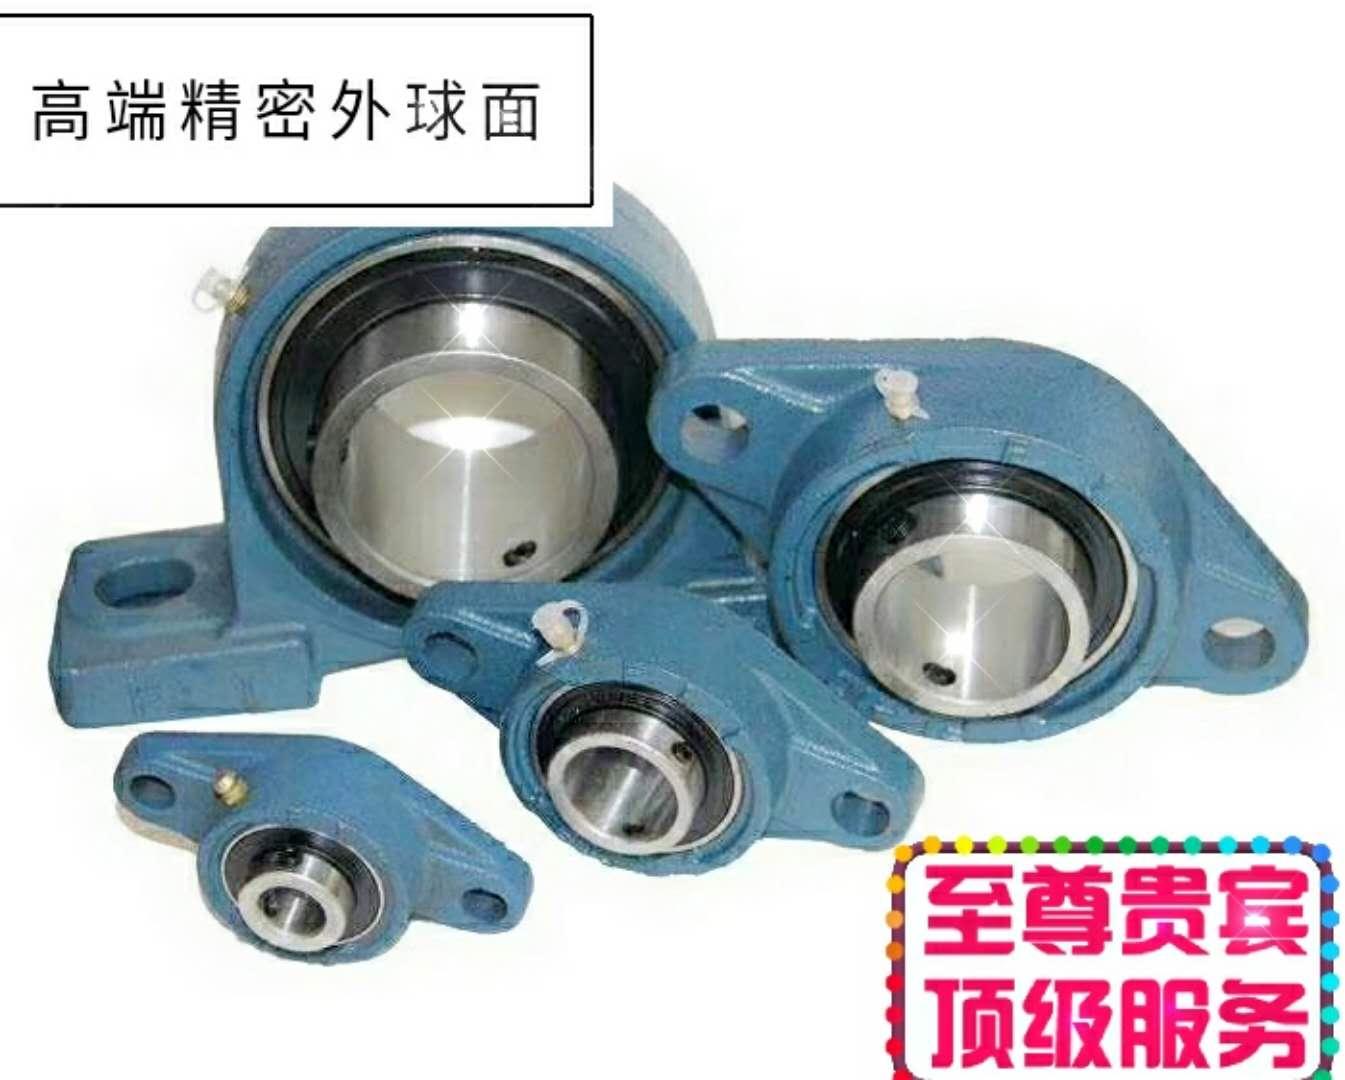 供应精密外球面轴承UC205 外球面轴承 球面轴承 UC205